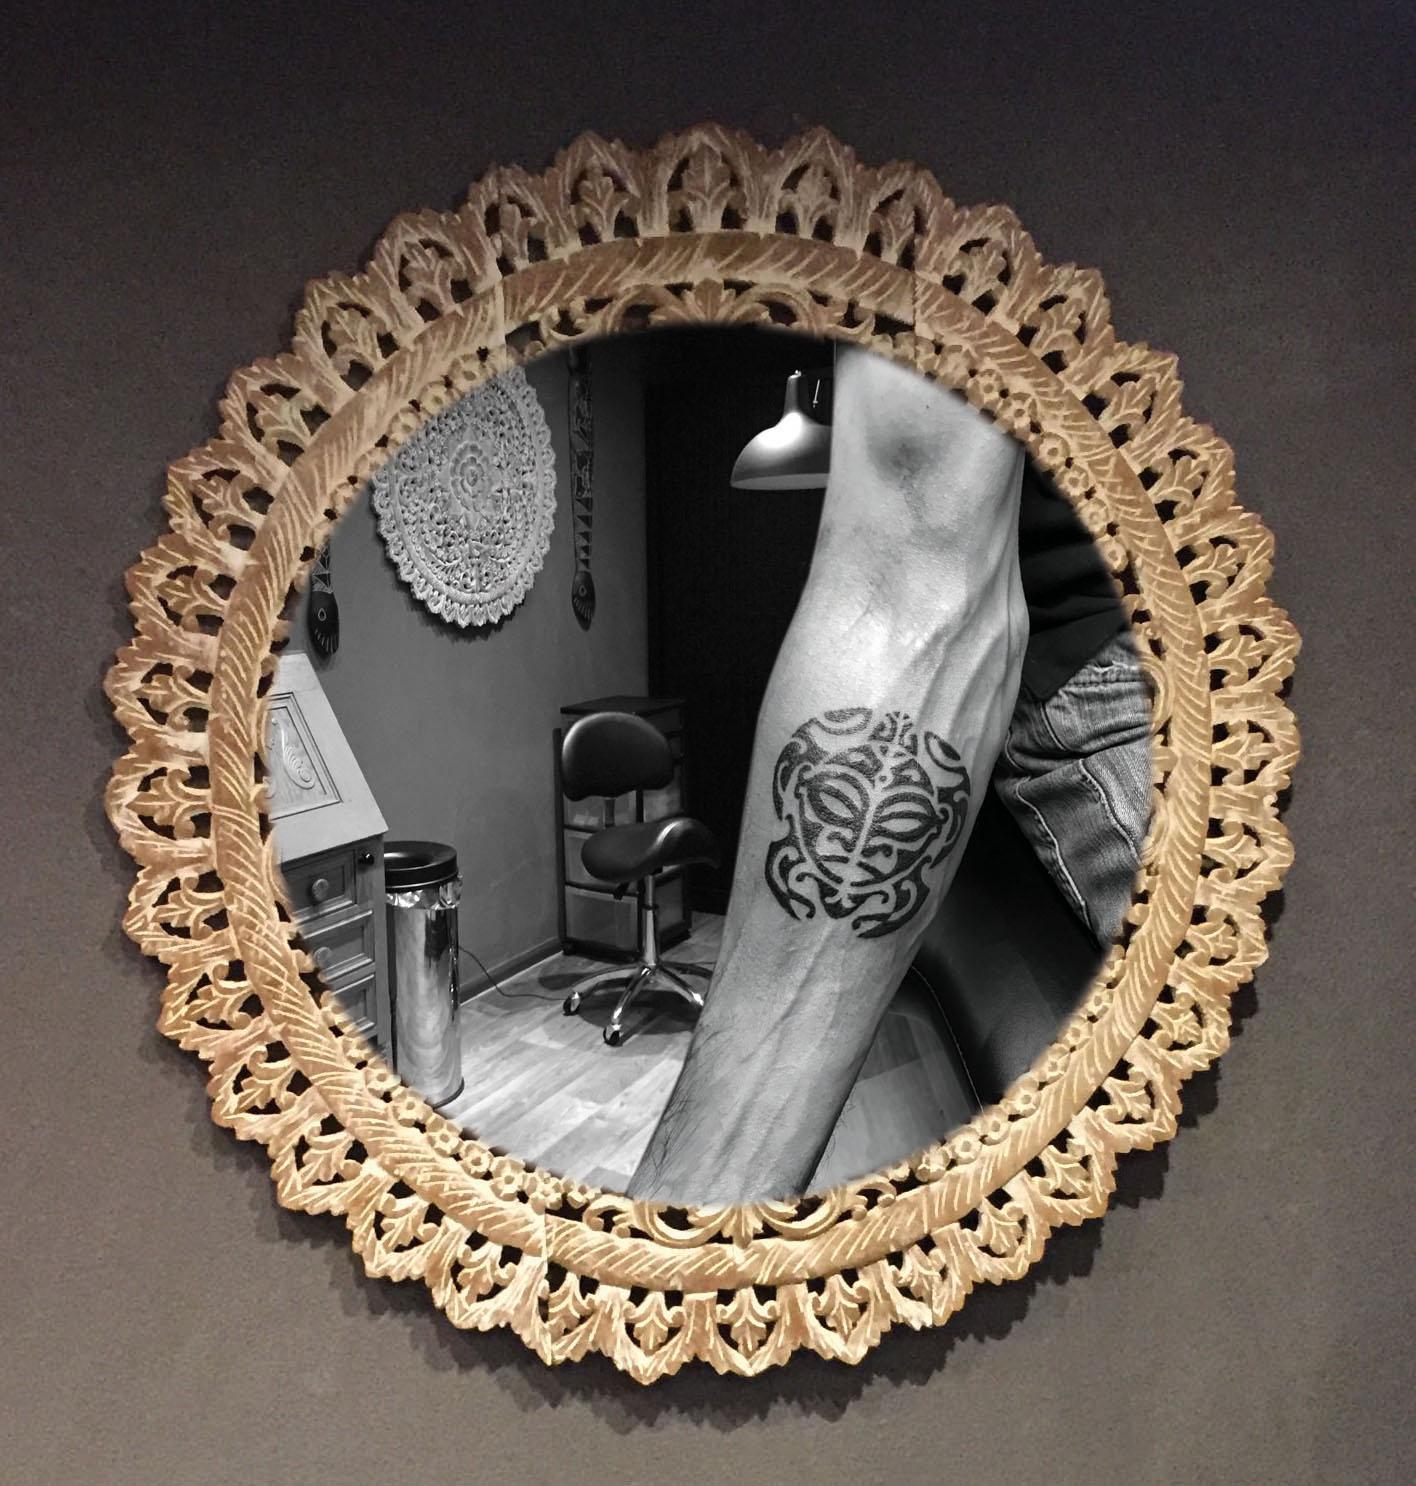 Maori onderarm tatoeage